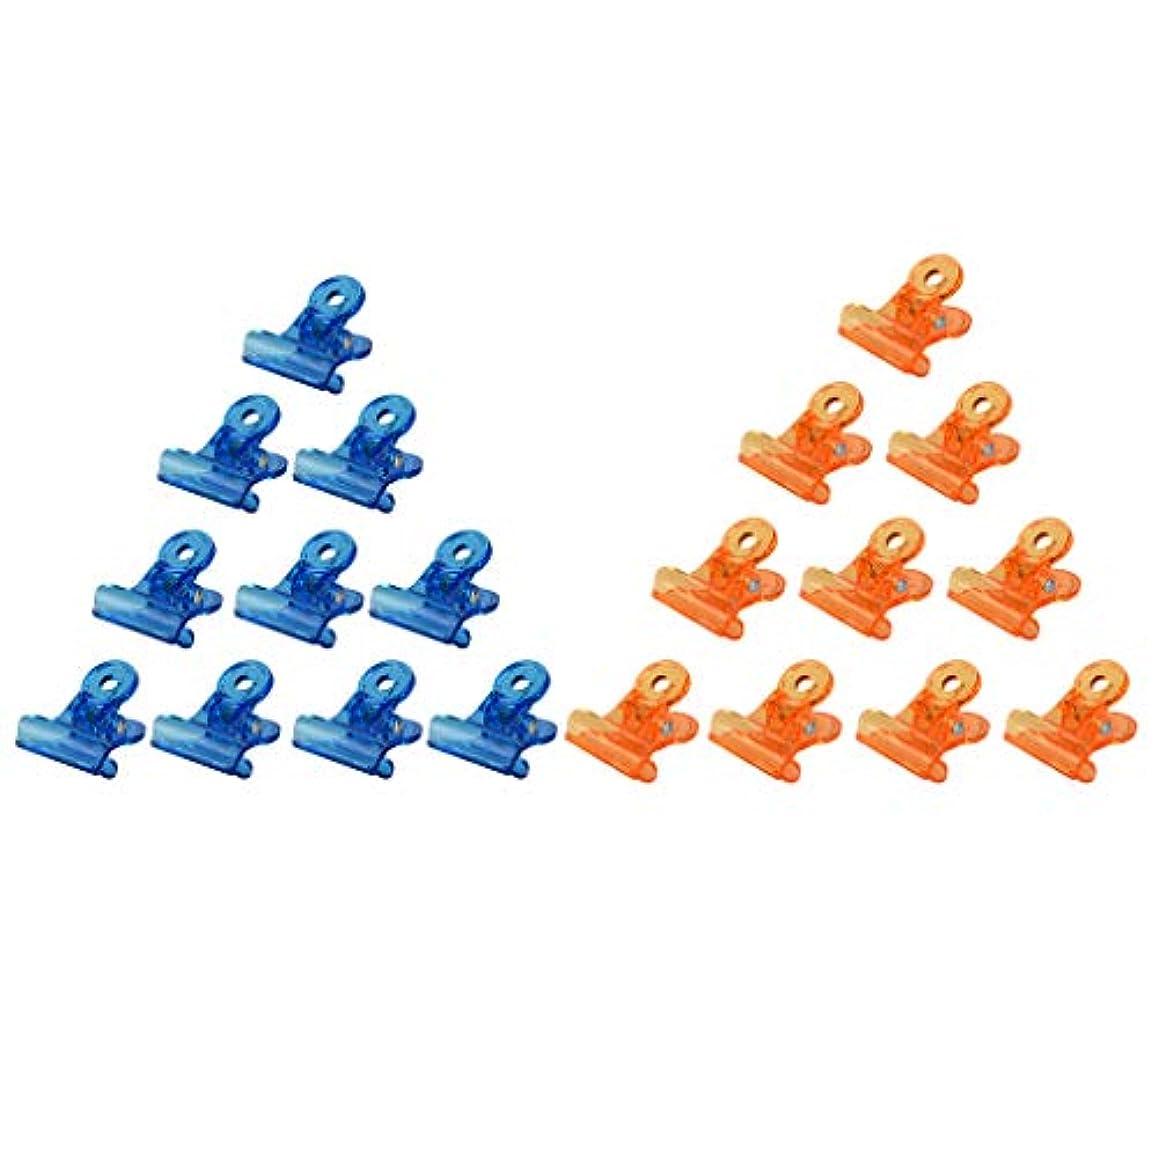 有名なラブ主張するCUTICATE ネイルクリップ ネイルアート ジェルネイルポリッシュ クリーナー ネイルツール ネイルクリップ 全3種 - オレンジ+ブルー